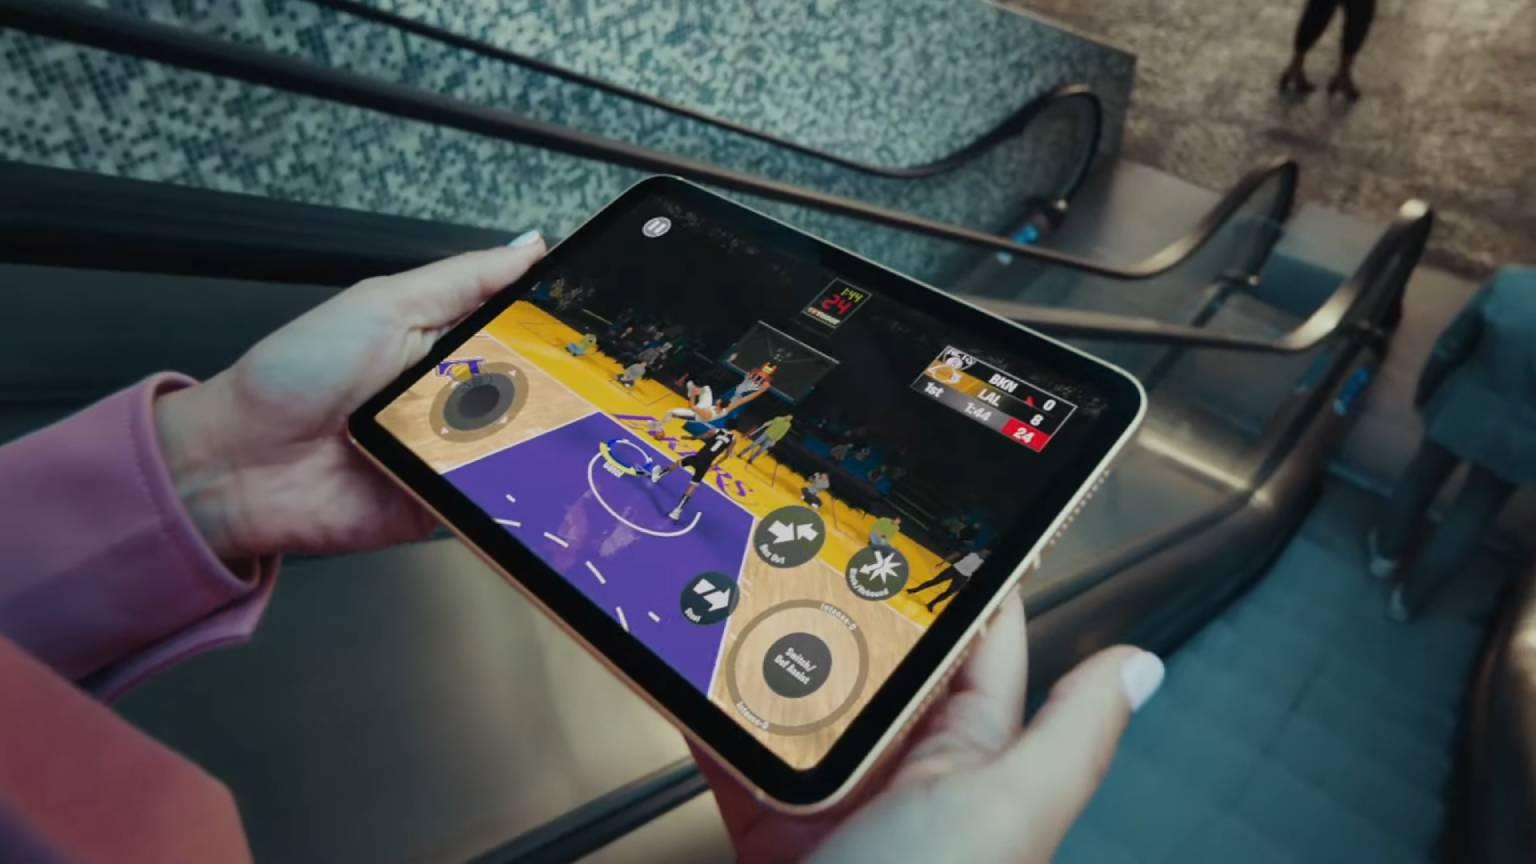 تبلت اپل مدل iPad mini 8.3 inch 2021 ظرفیت 256 گیگابایت